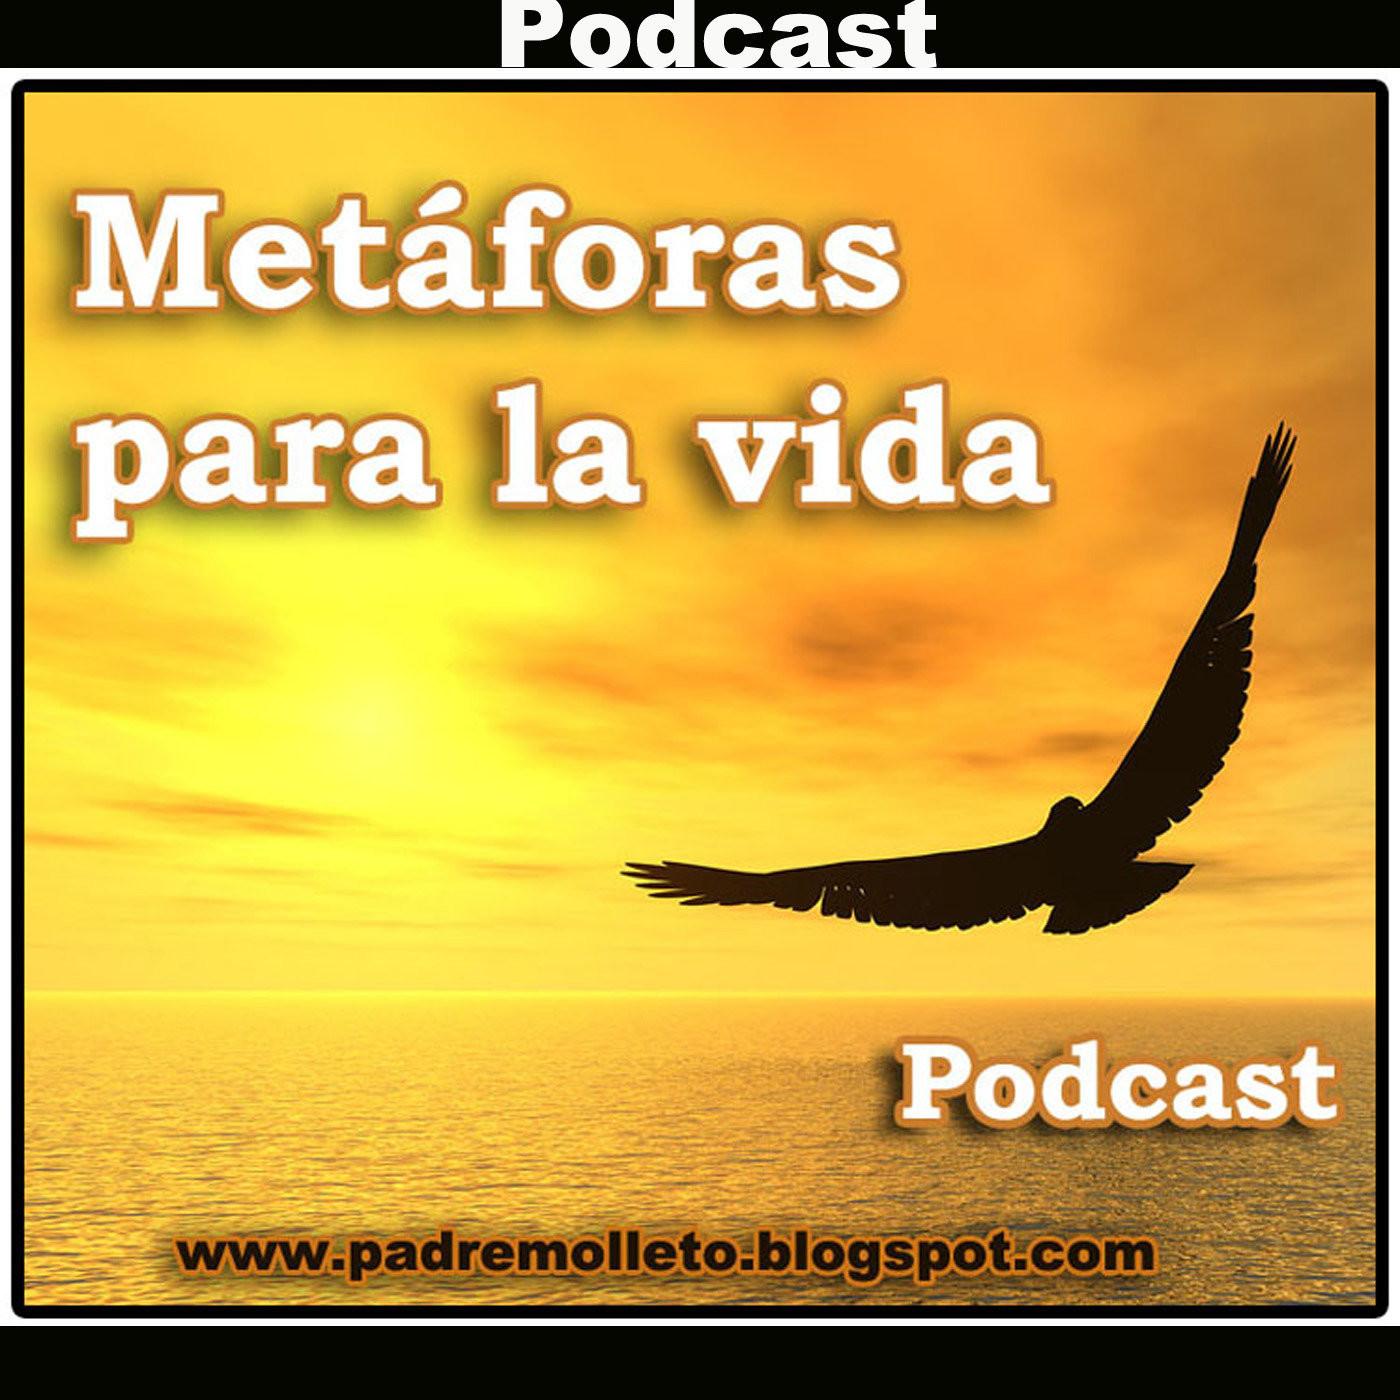 El poder de la sonrisa METÁFORA podcast católico